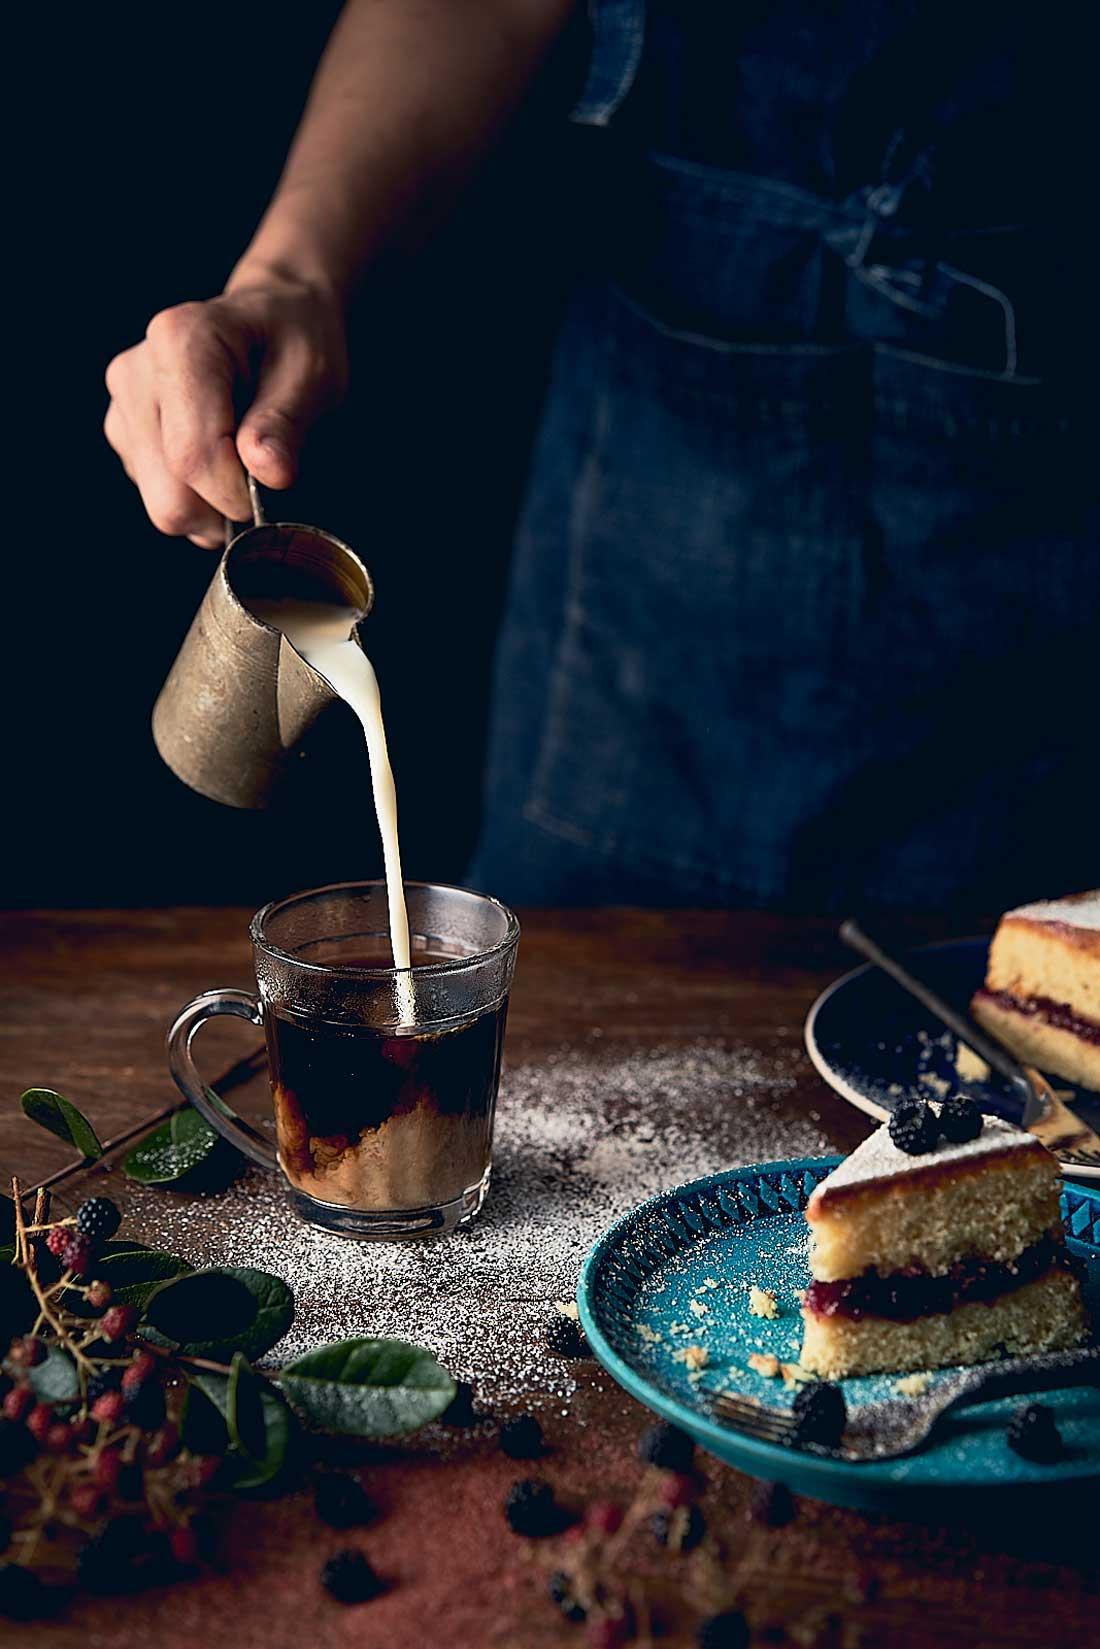 Composición básica en fotografía de alimentos por Andrés Bermúdez